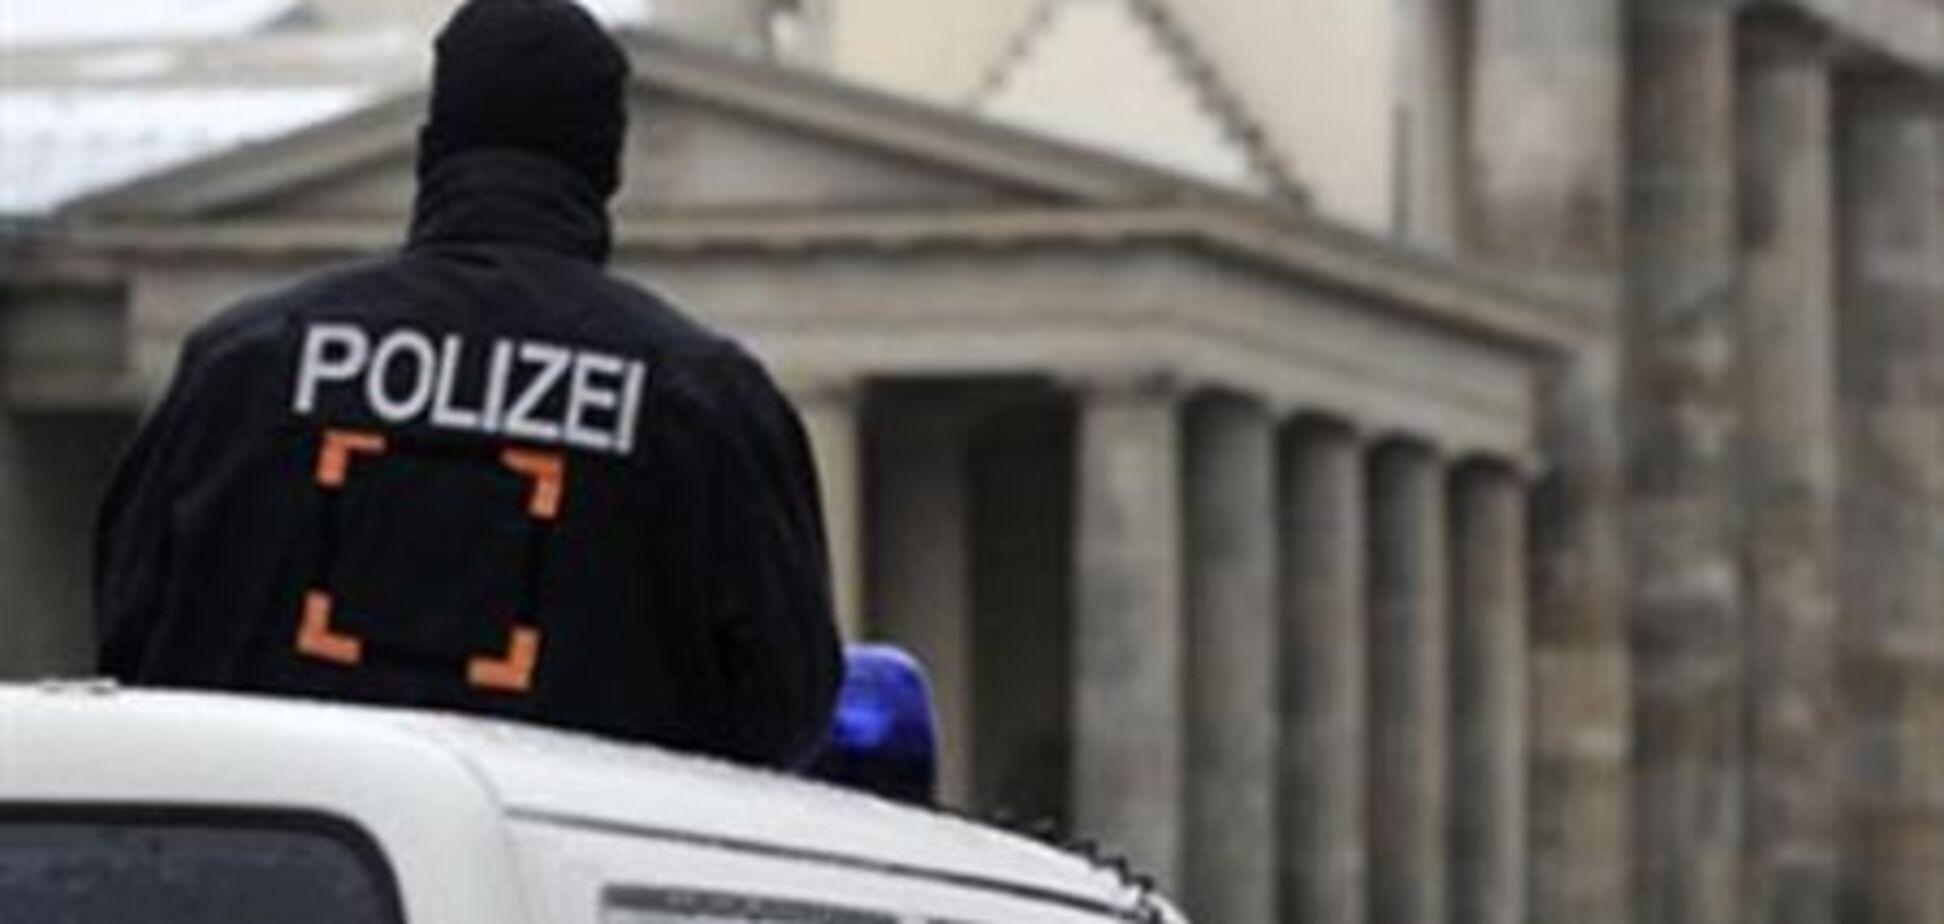 У посольстві Хорватії в Берліні виявили посилку з бомбою